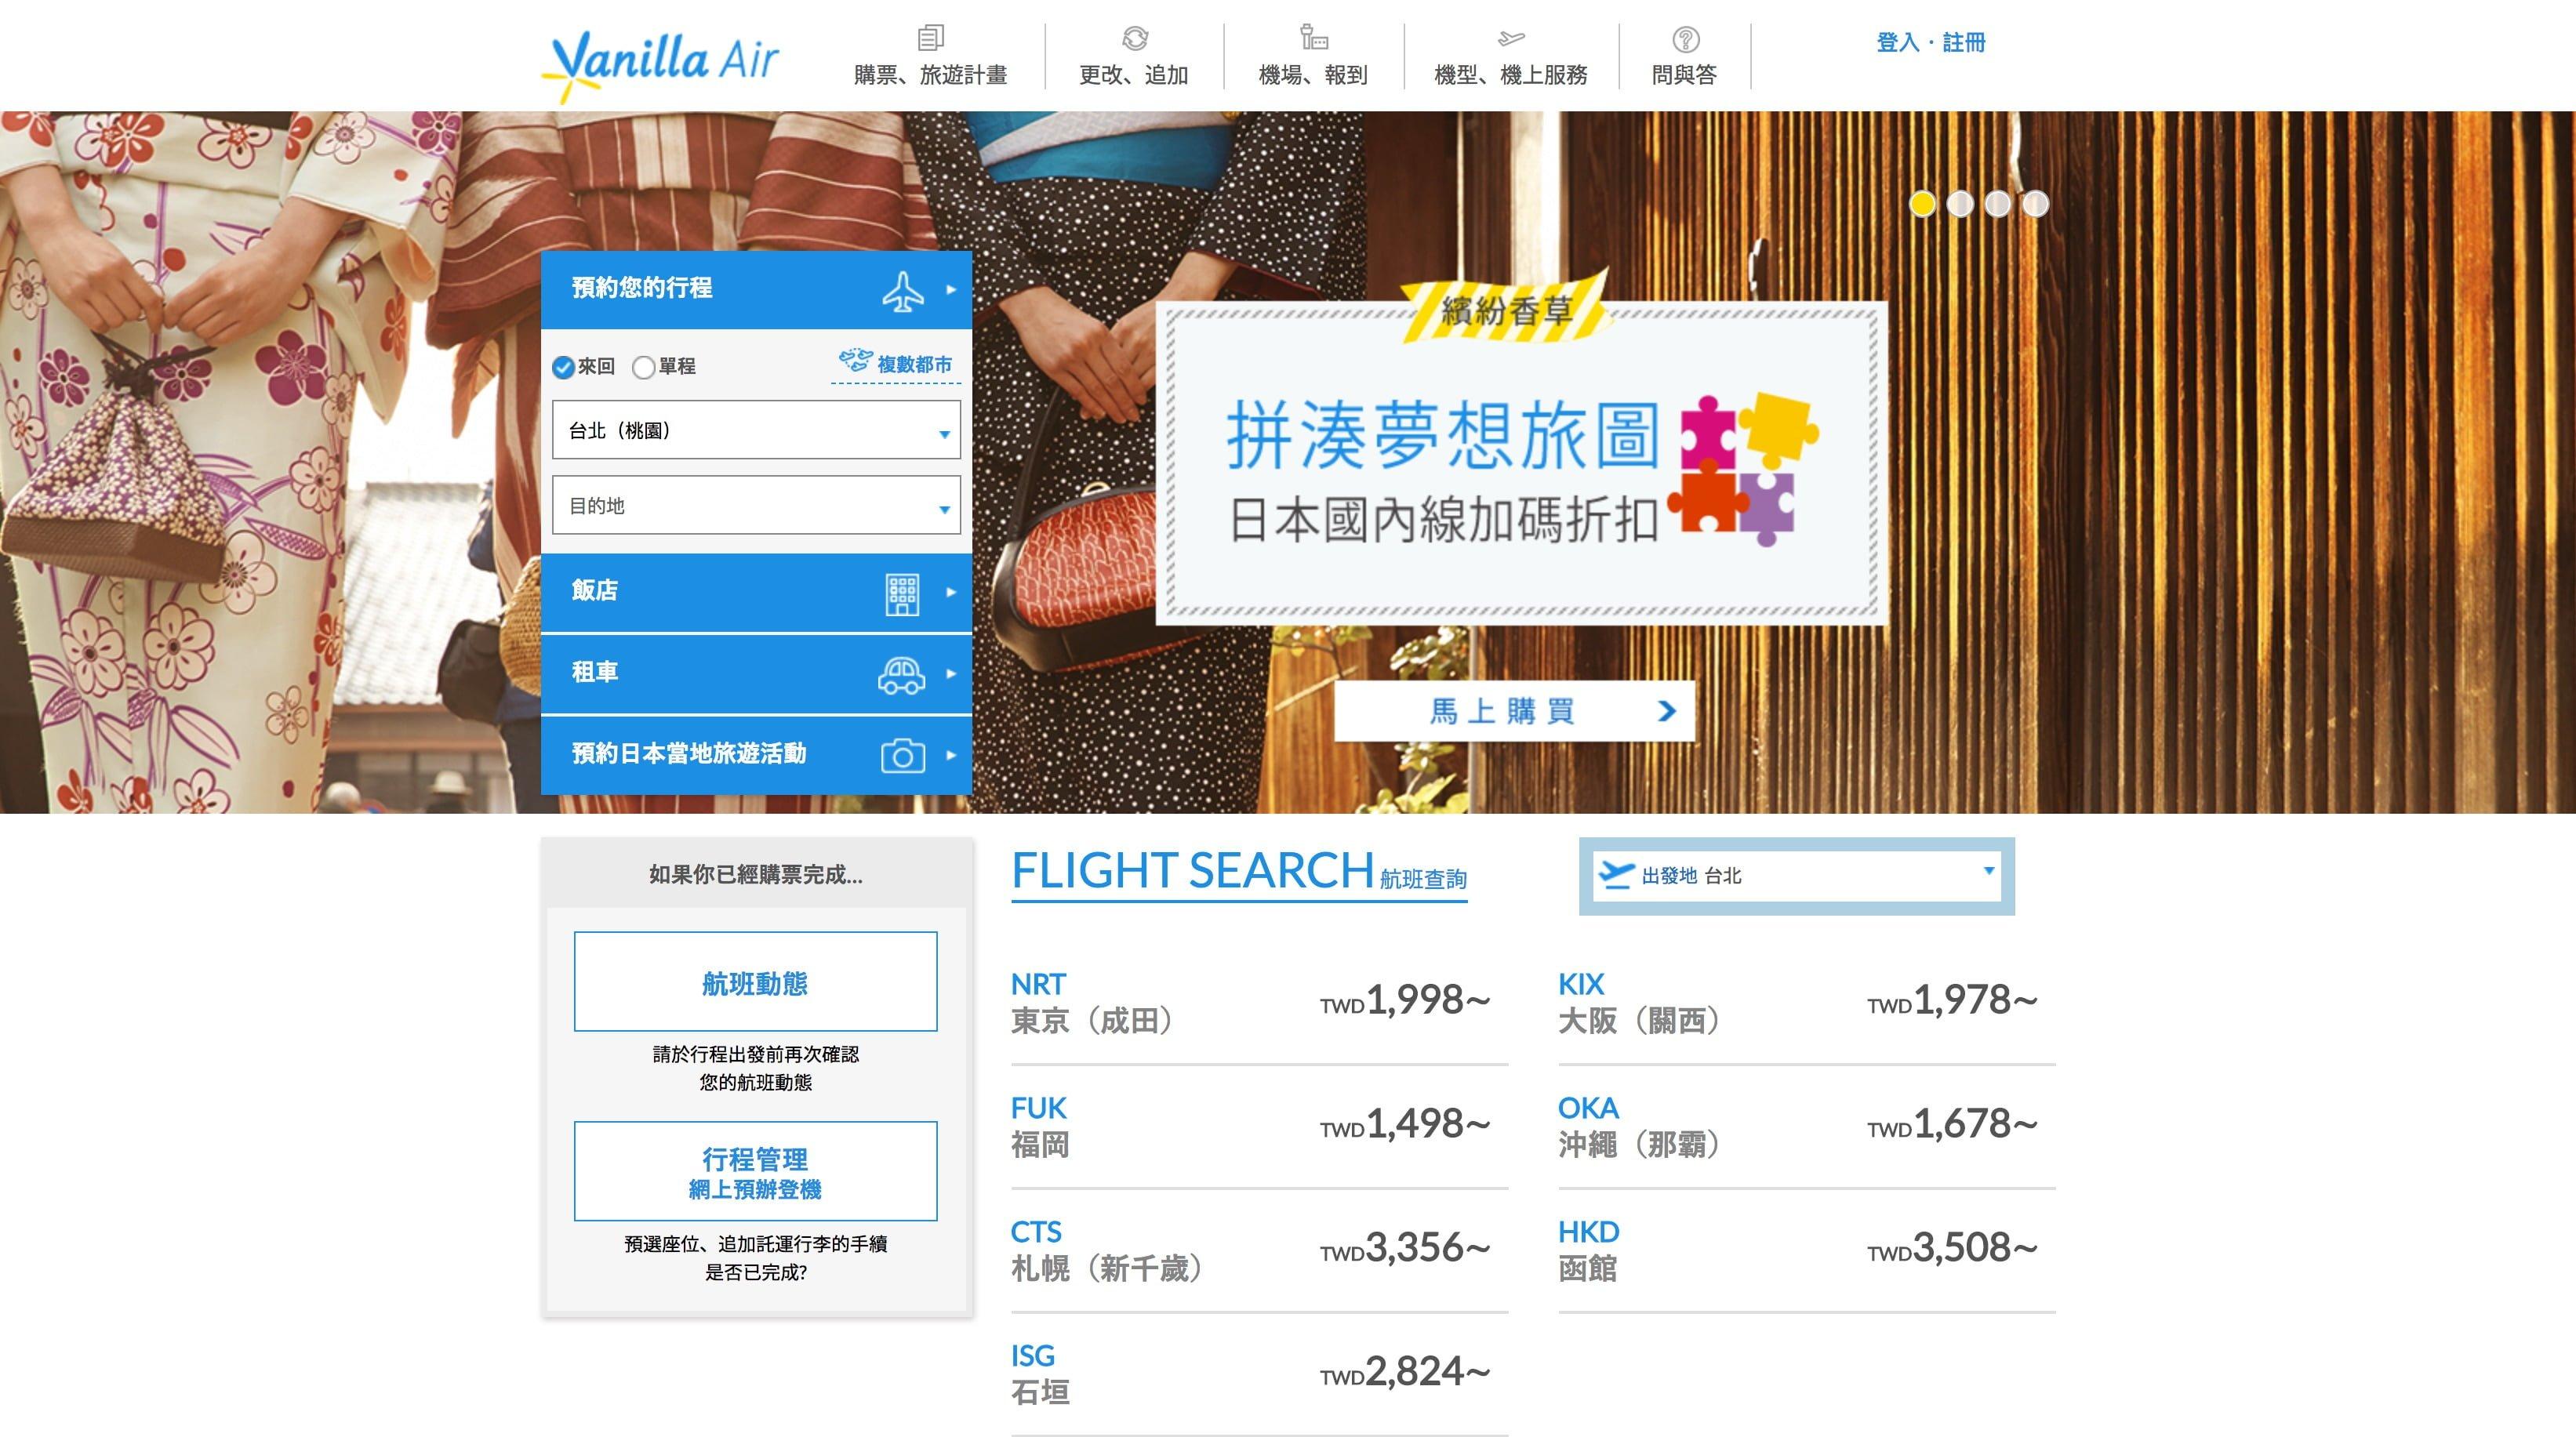 香草航空:7月夏日花火促銷優惠機票(日本旅行適用)